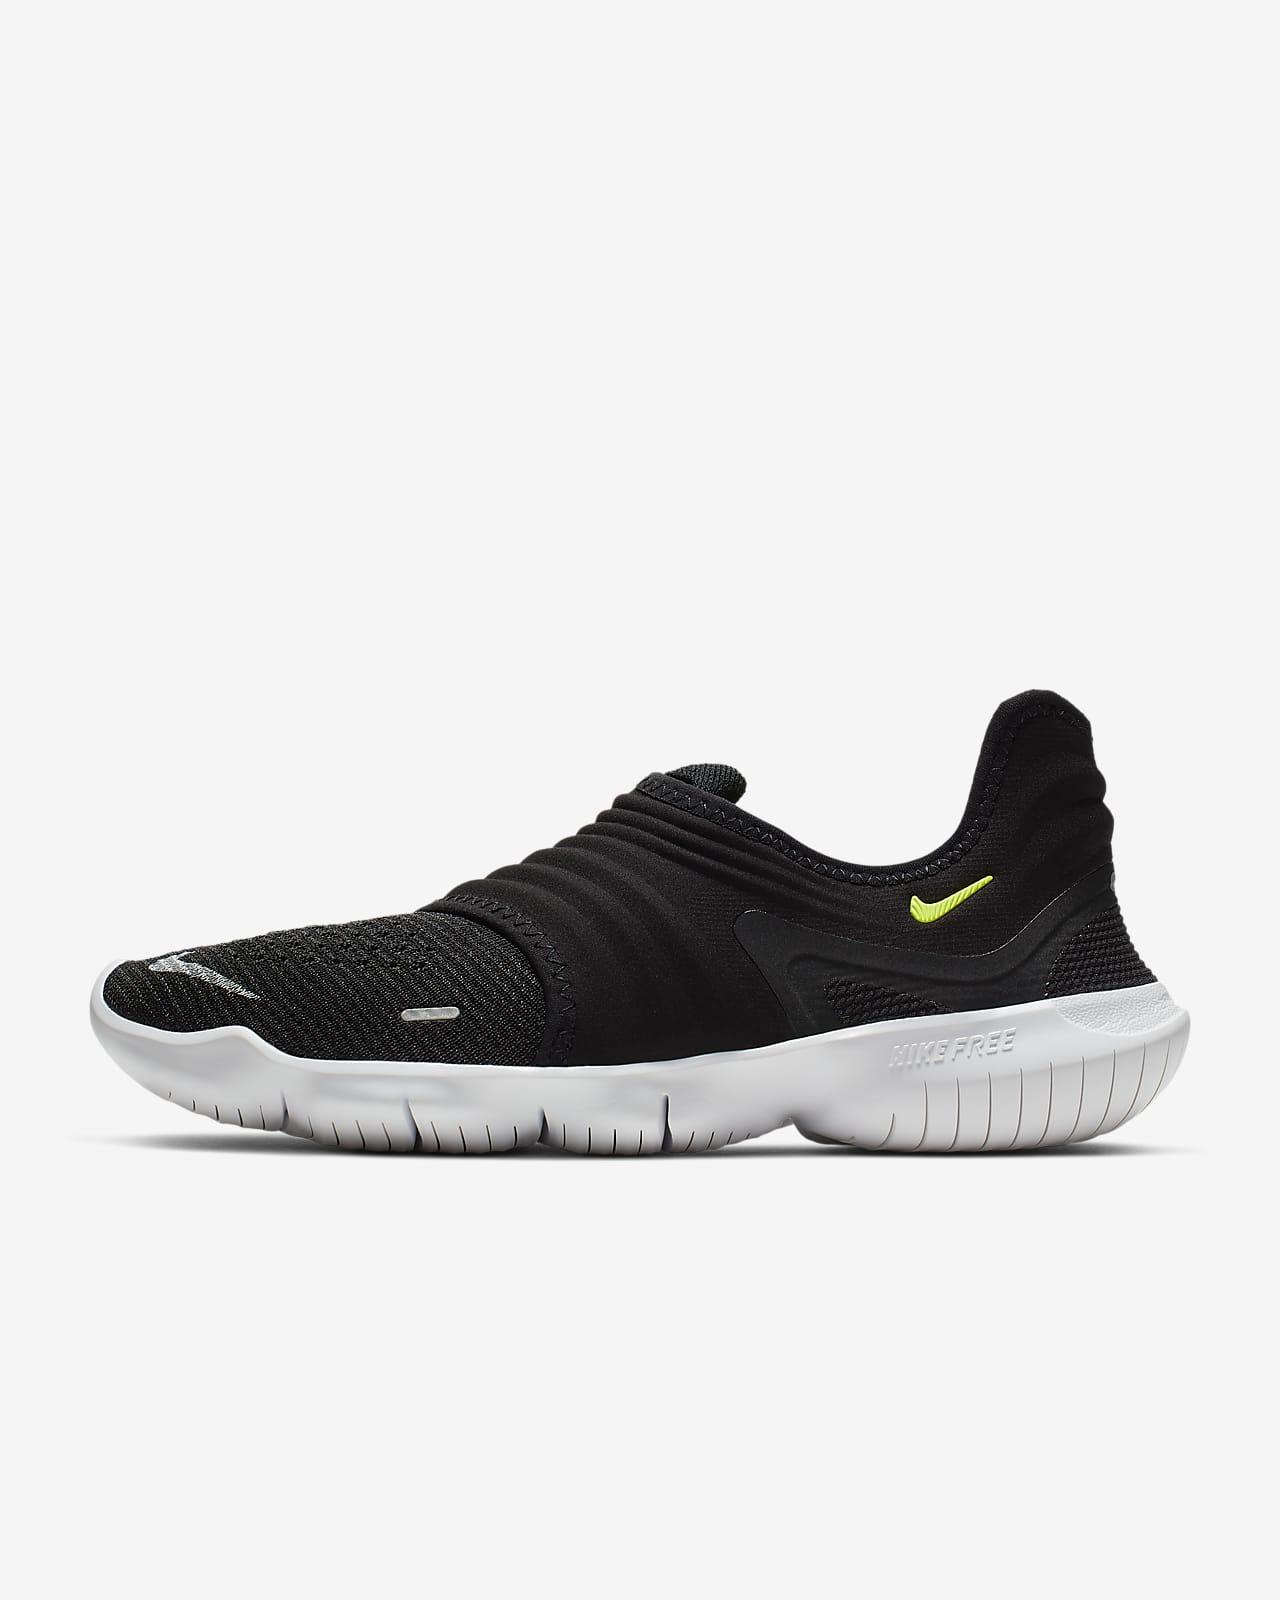 Nike Free RN Flyknit 3.0 Hardloopschoen voor dames